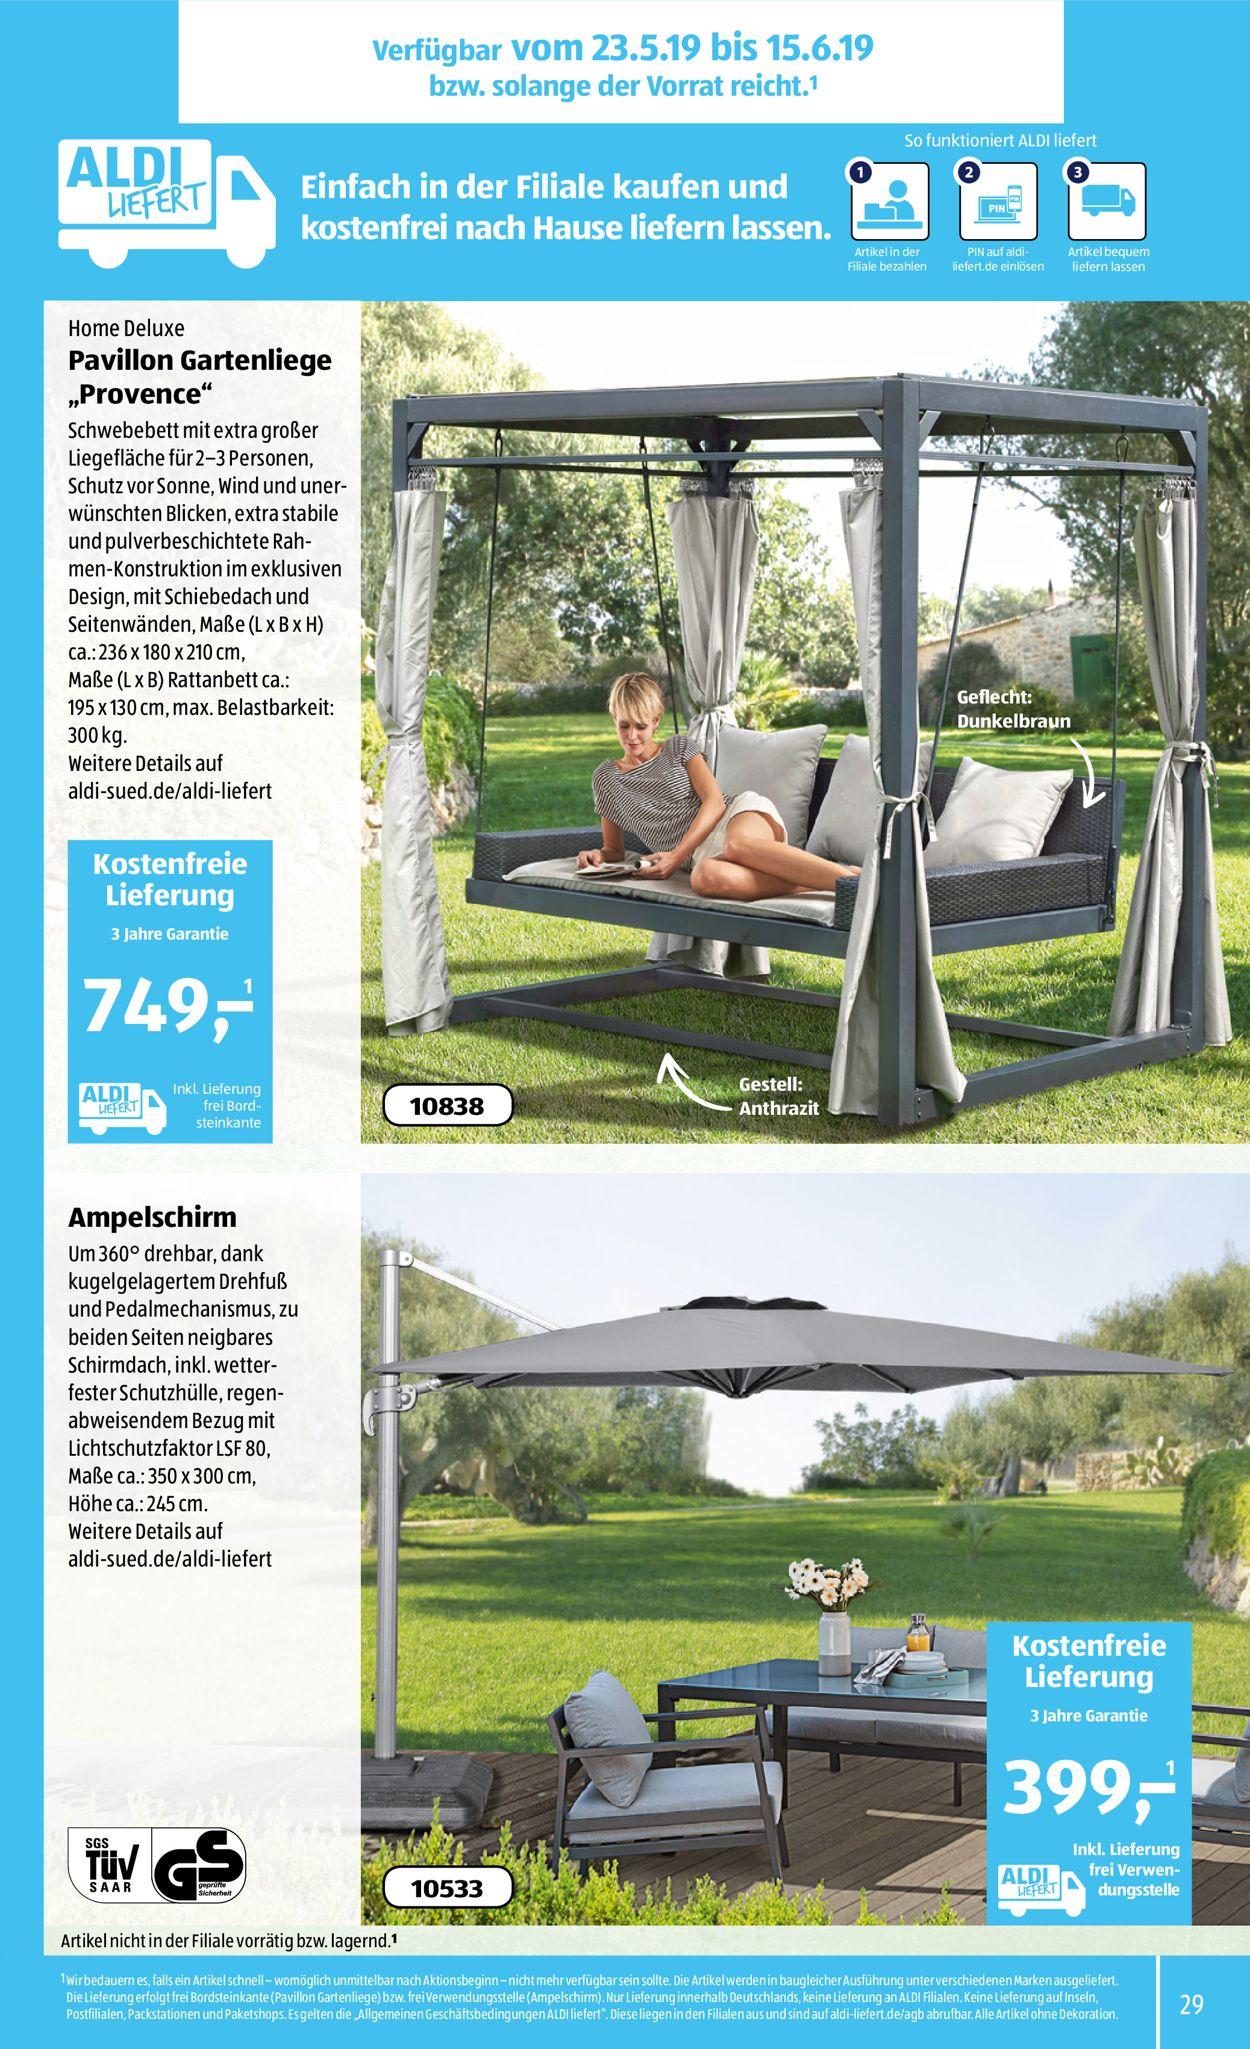 Full Size of Aldi Gartenliege 2020 Sd Aktueller Prospekt 2005 25052019 29 Jedewoche Relaxsessel Garten Wohnzimmer Aldi Gartenliege 2020